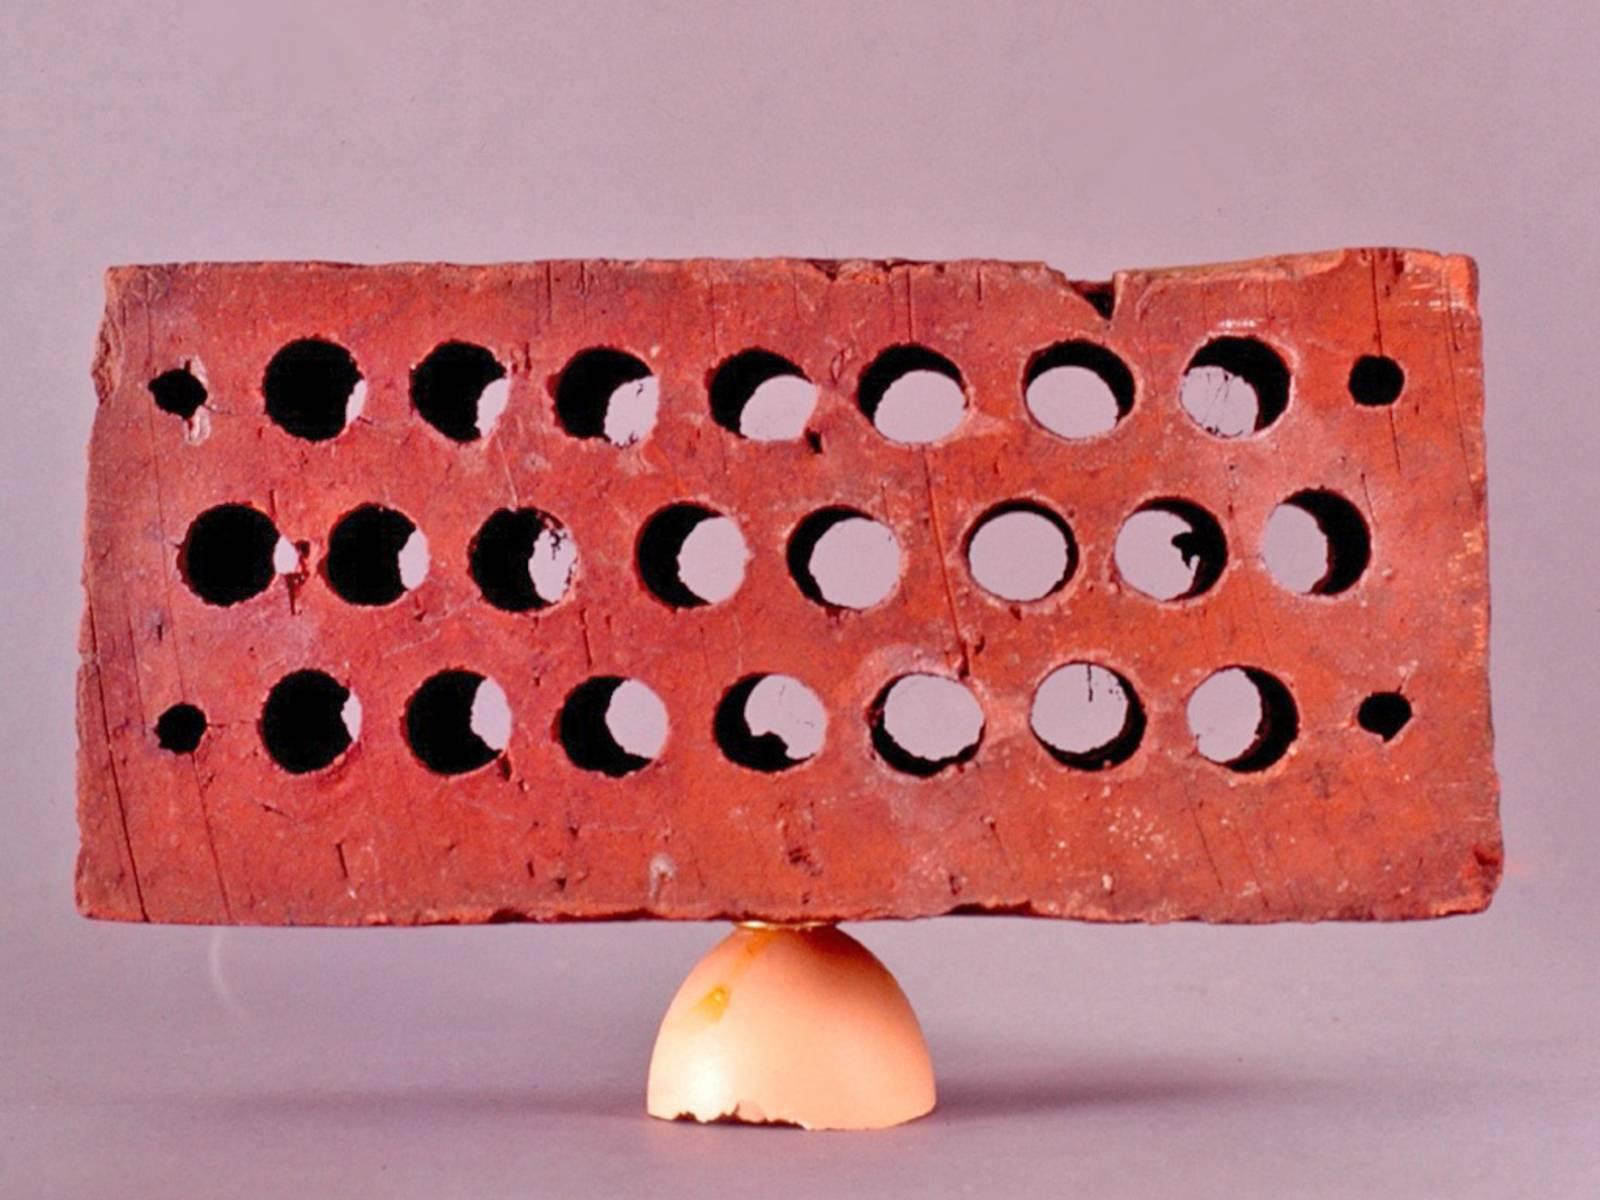 Backstein liegt auf einer umgedrehten halben Eierschale